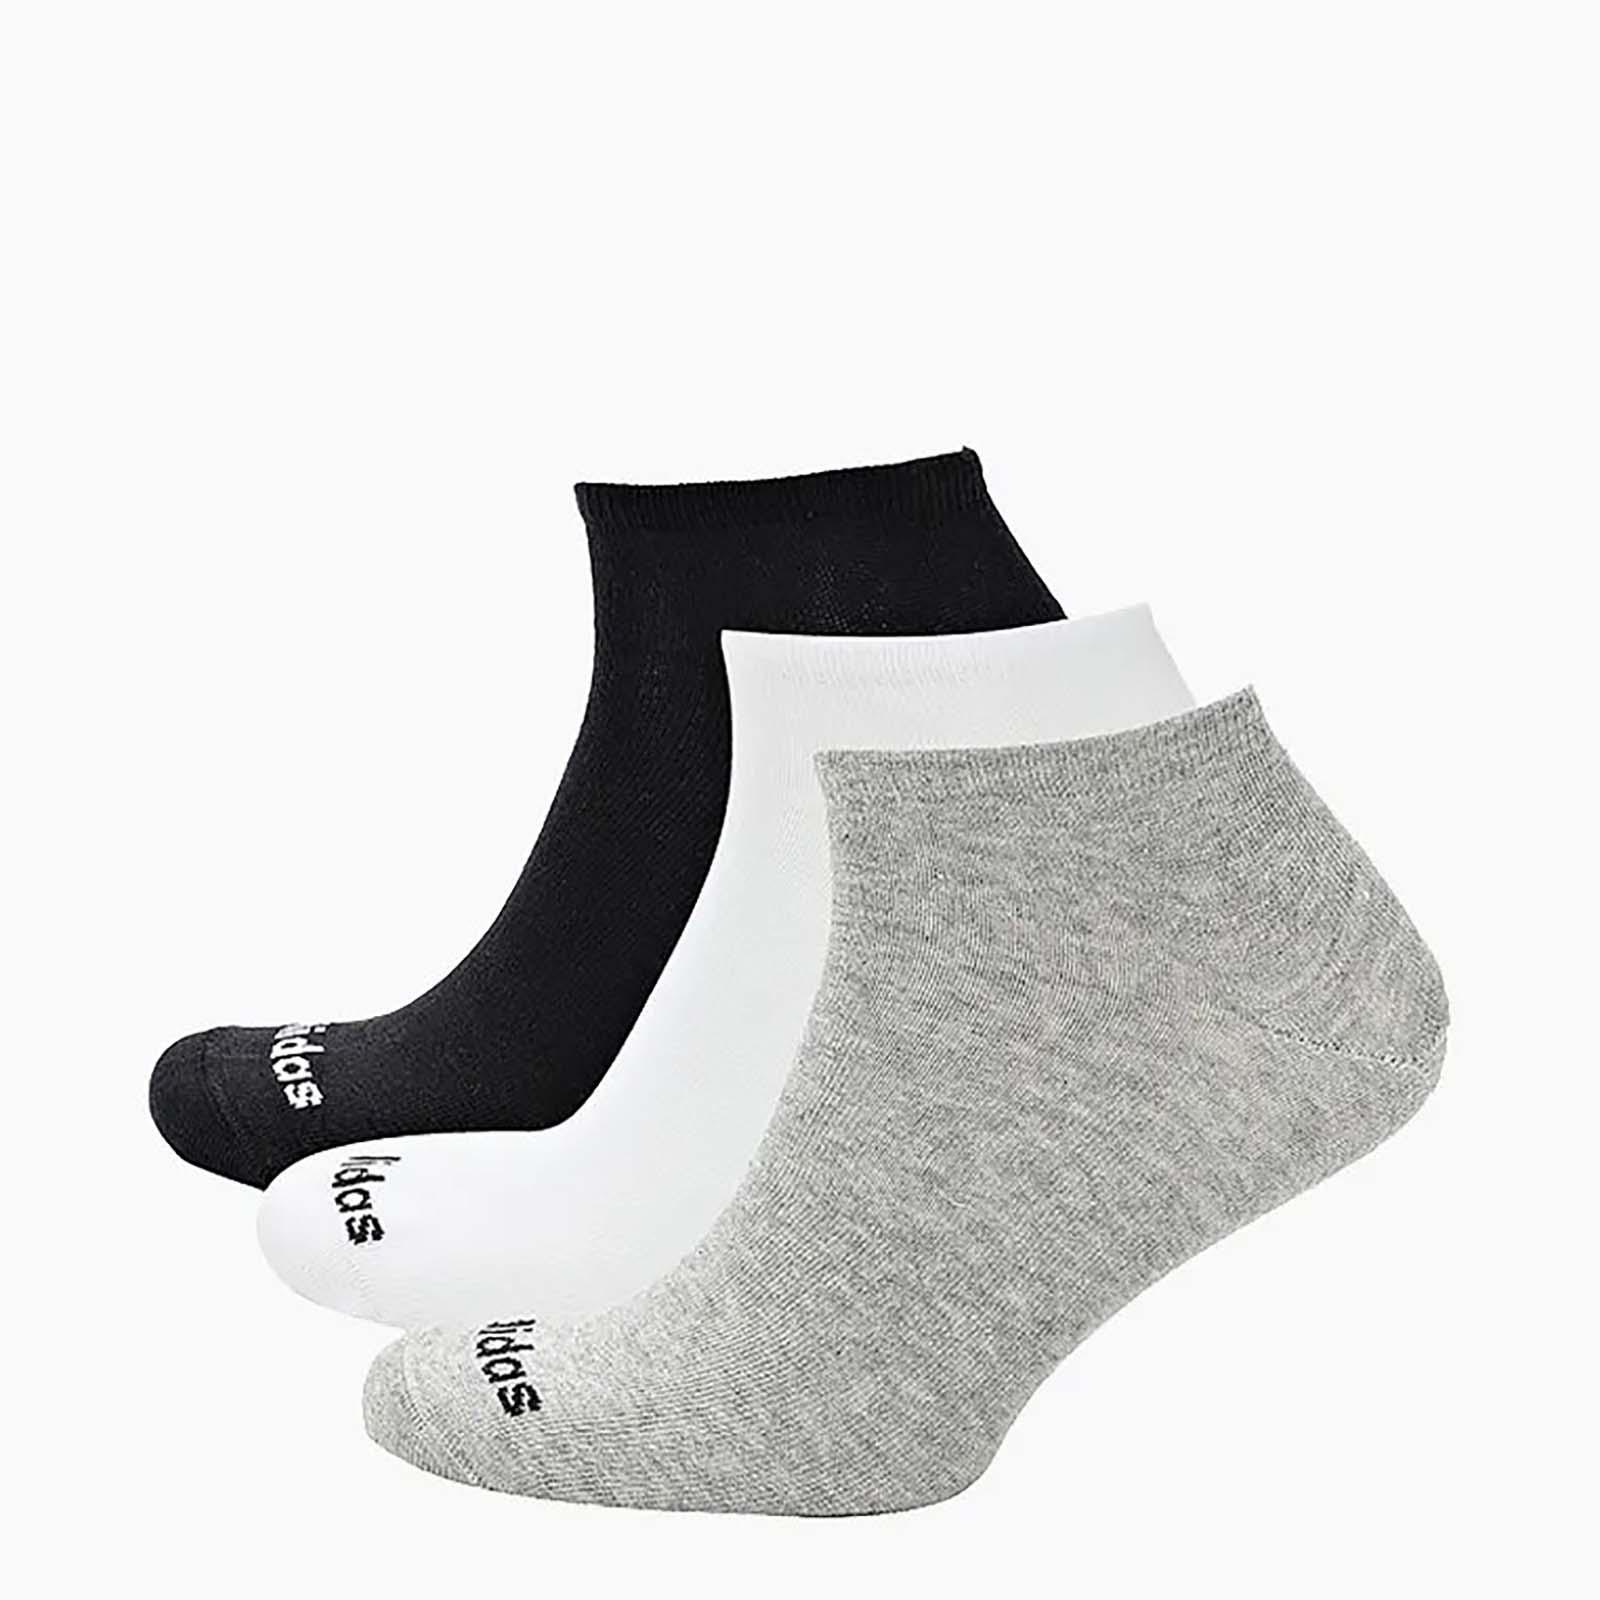 Набор носков унисекс Adidas NO SHOW 3PP серый L